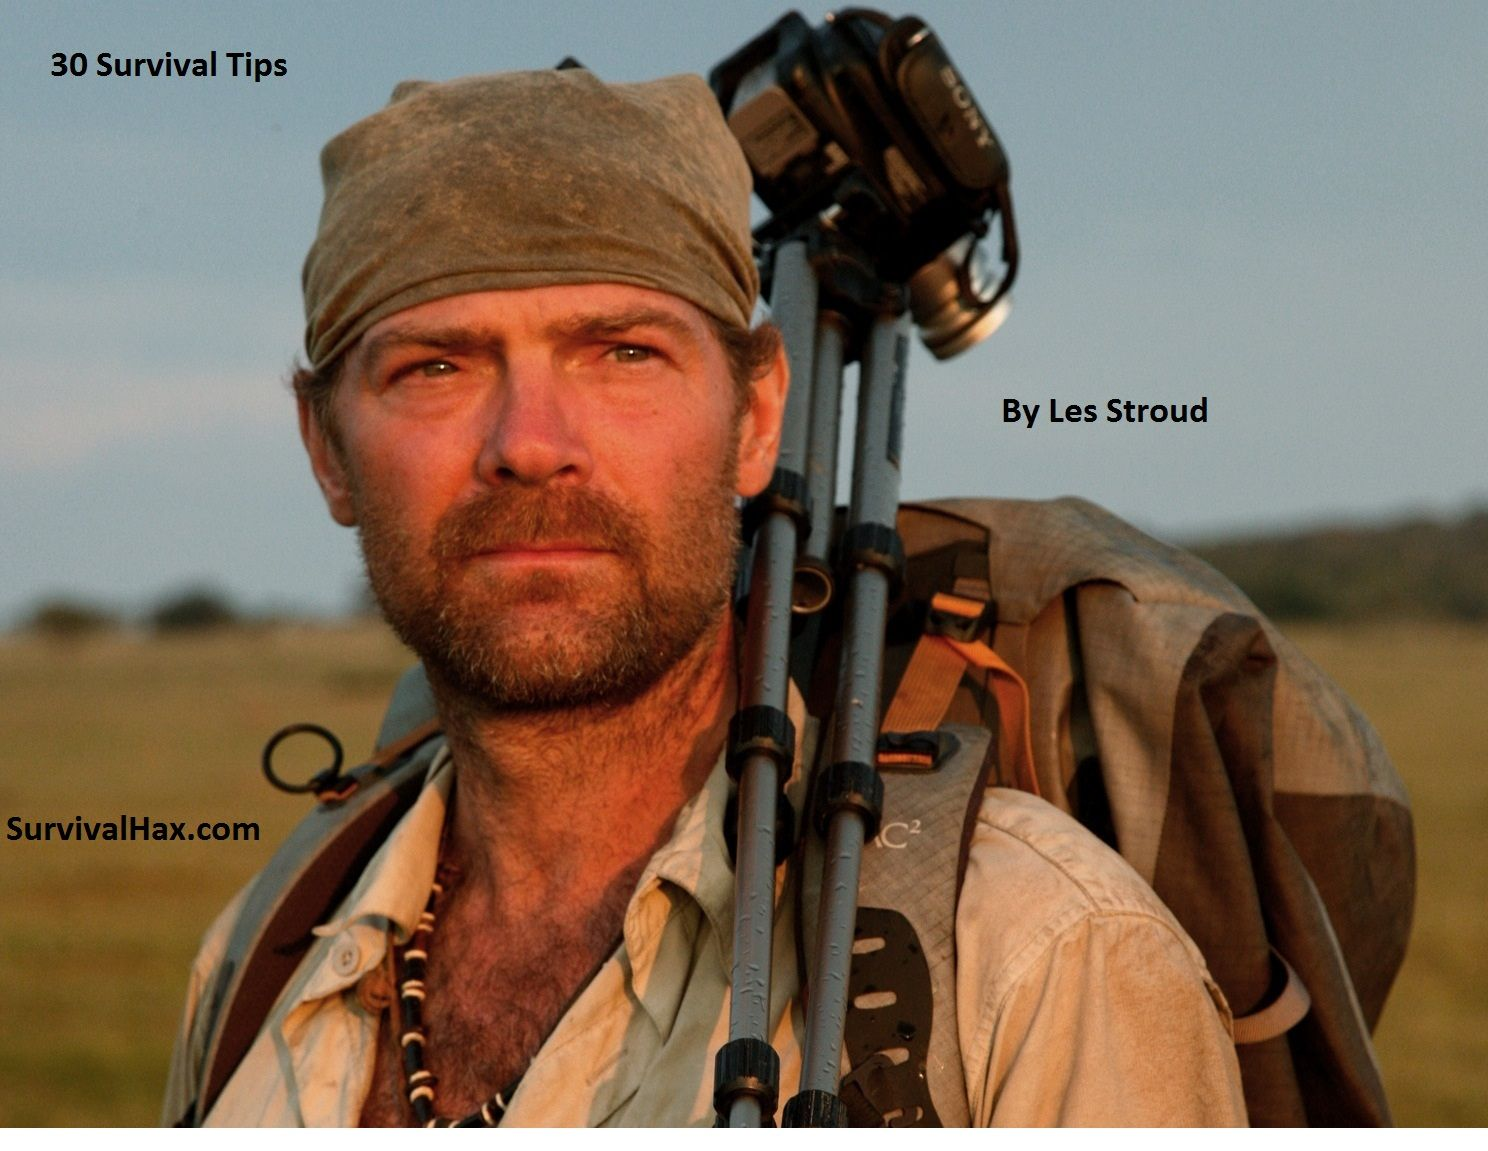 LesStroud Survival, Survival fishing, Survival prepping